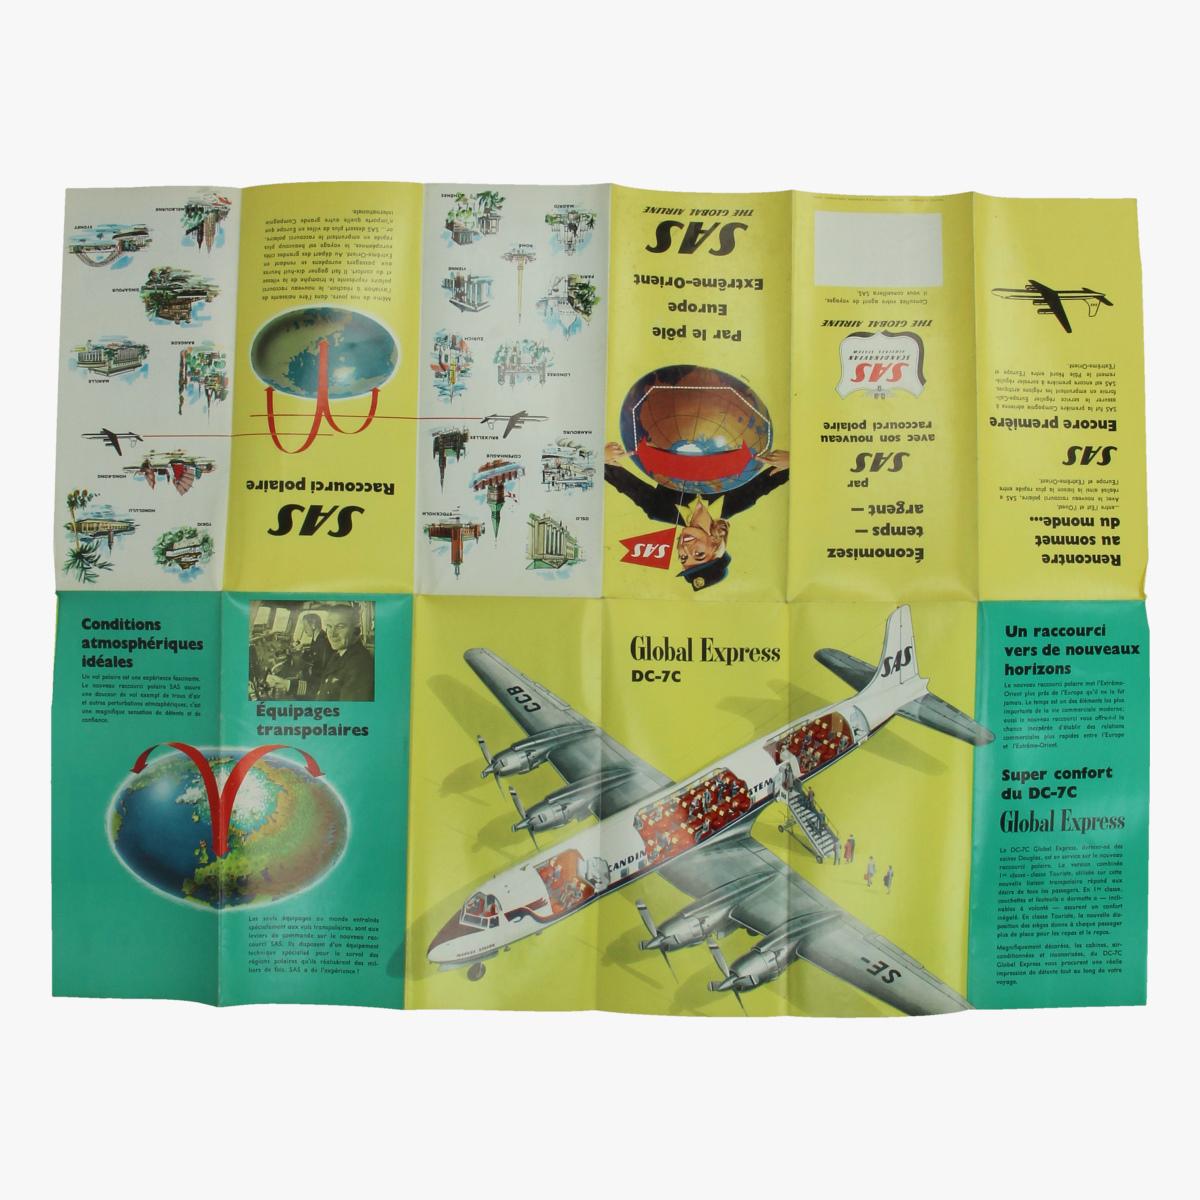 Afbeeldingen van folder sas global airline scandinavian airlines system